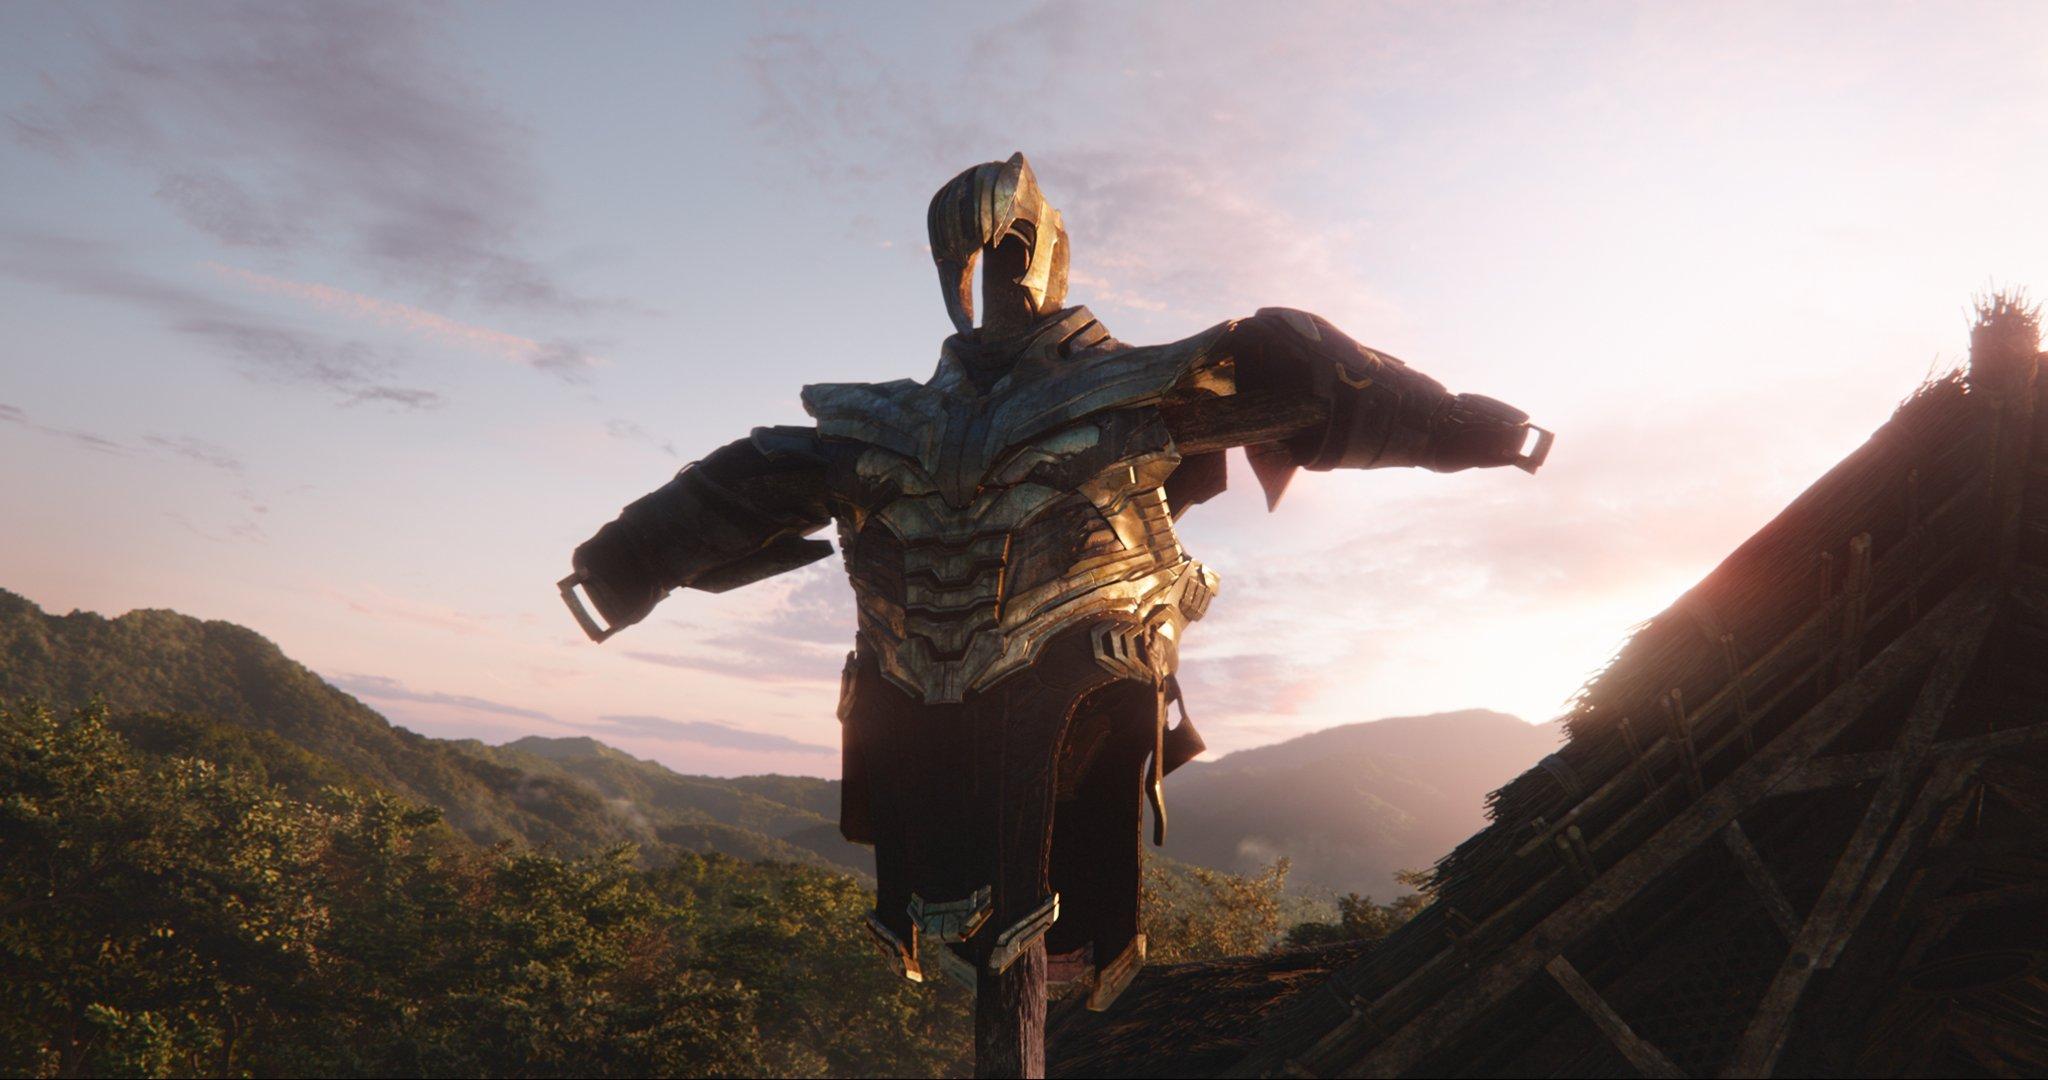 Photo du film Avengers: Endgame avec l'armure de Thanos